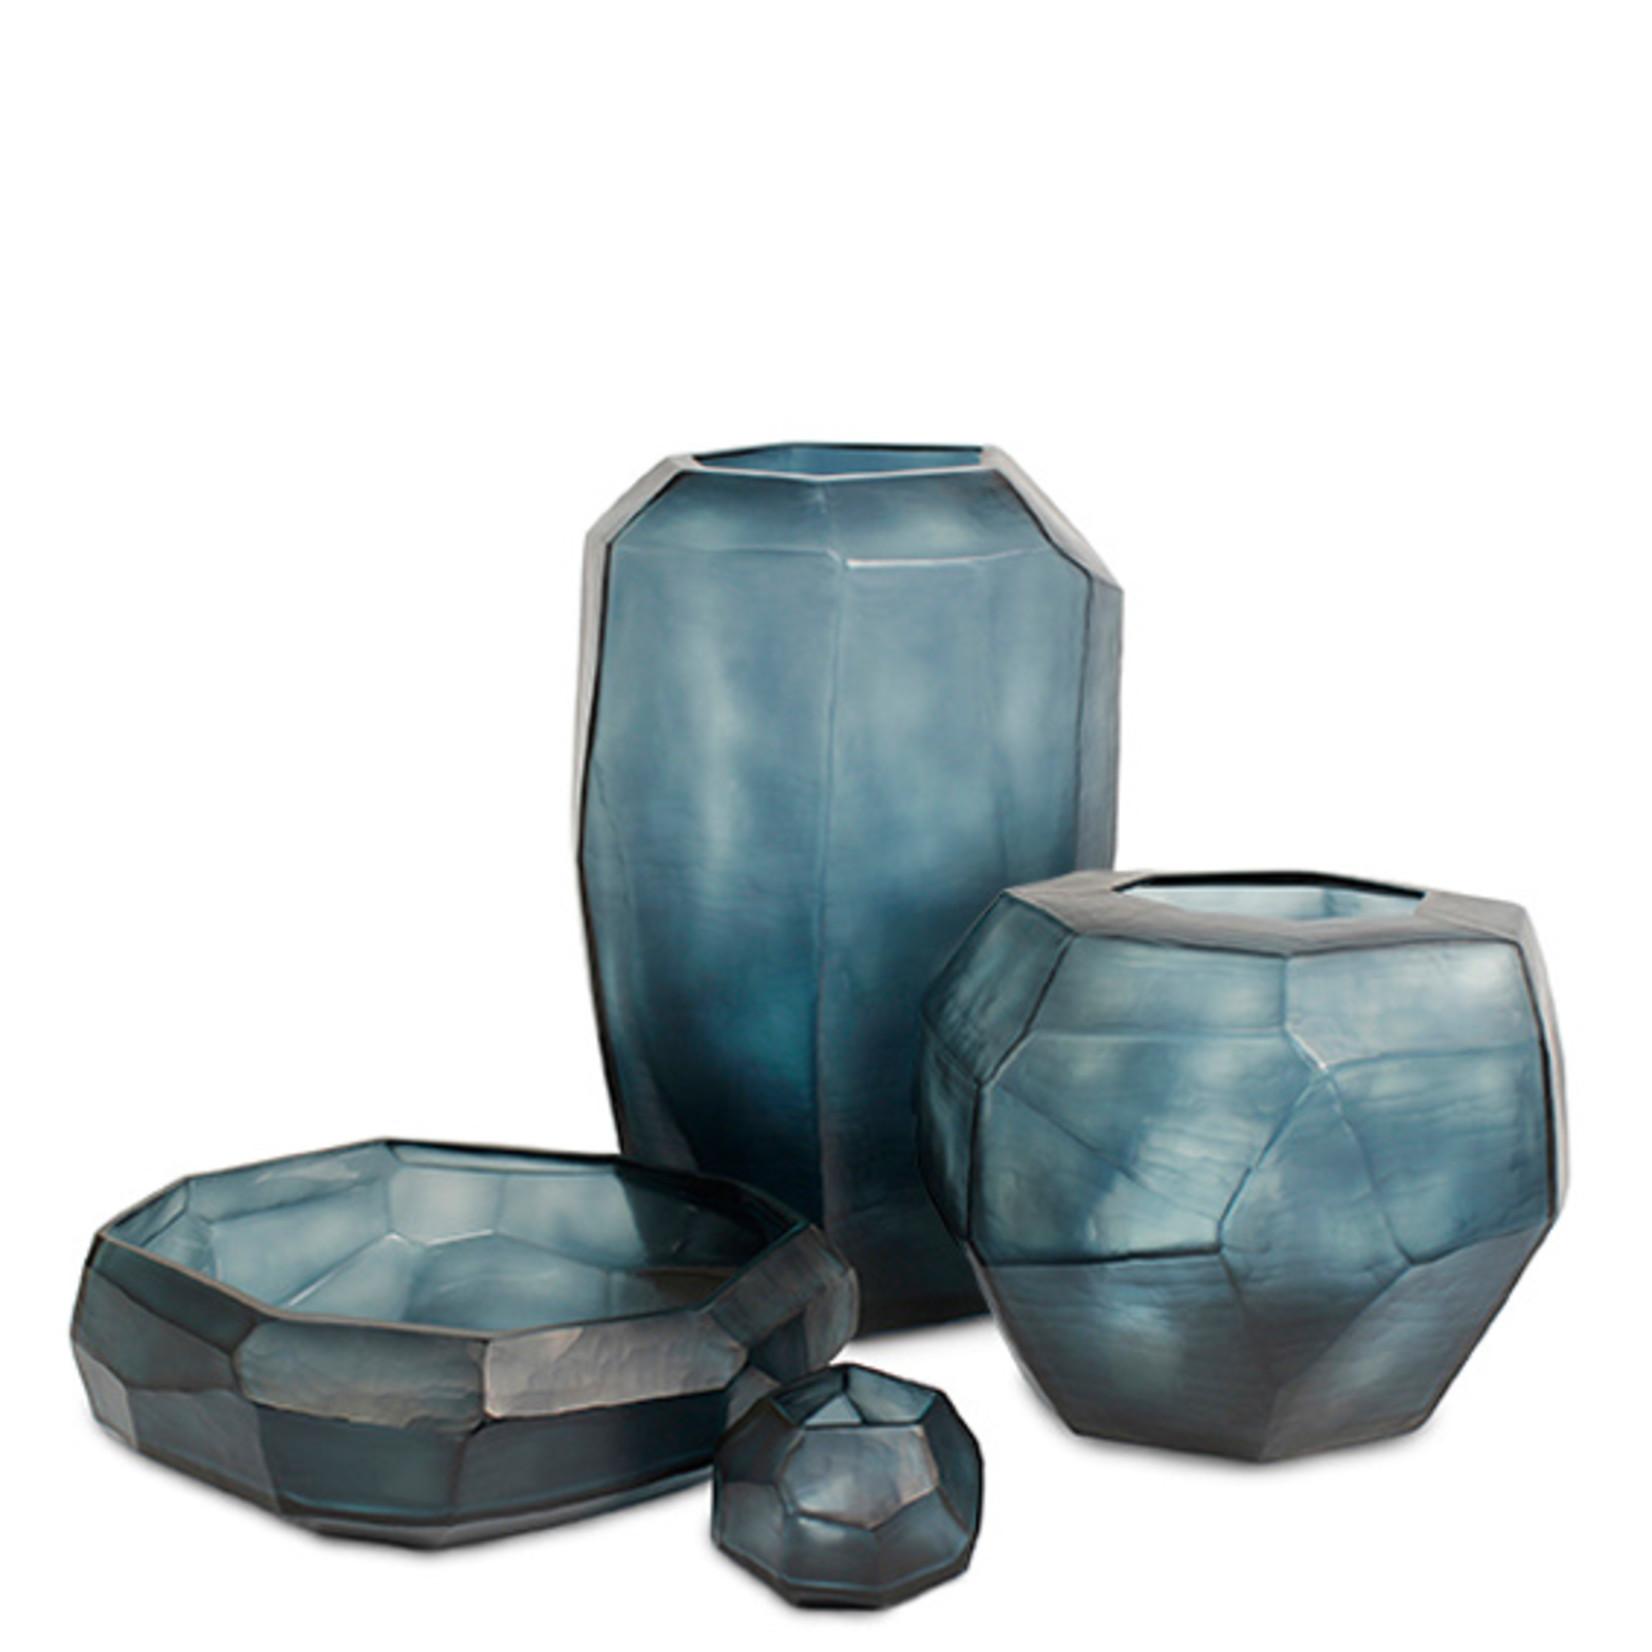 Guaxs Schaal Cubistic   Ocean Blue / Indigo